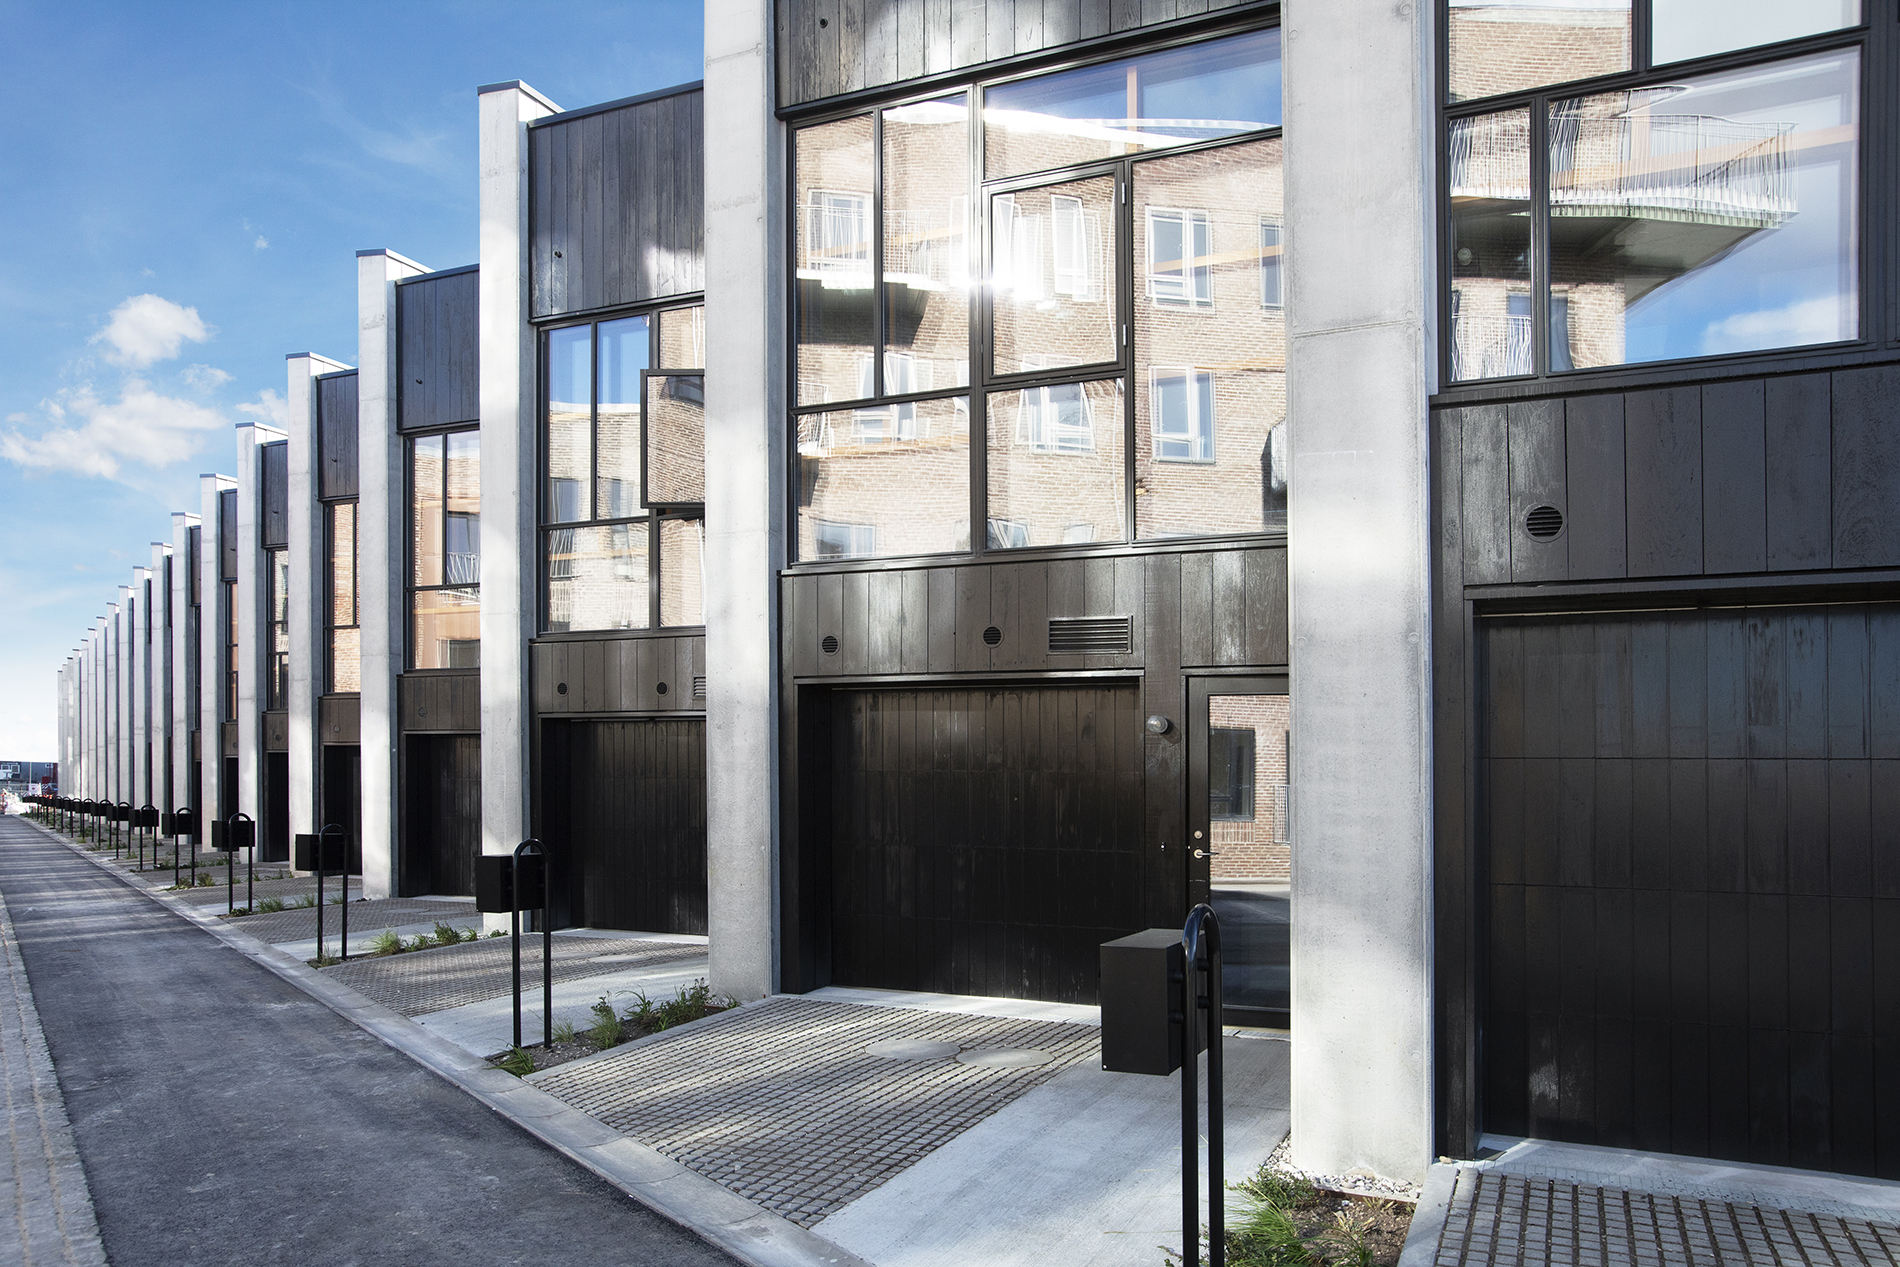 Återvunnen betong är en av miljövinsterna i Lendager Groups bostadsprojekt Upcycle Studios. Foto: Mikkel Strange